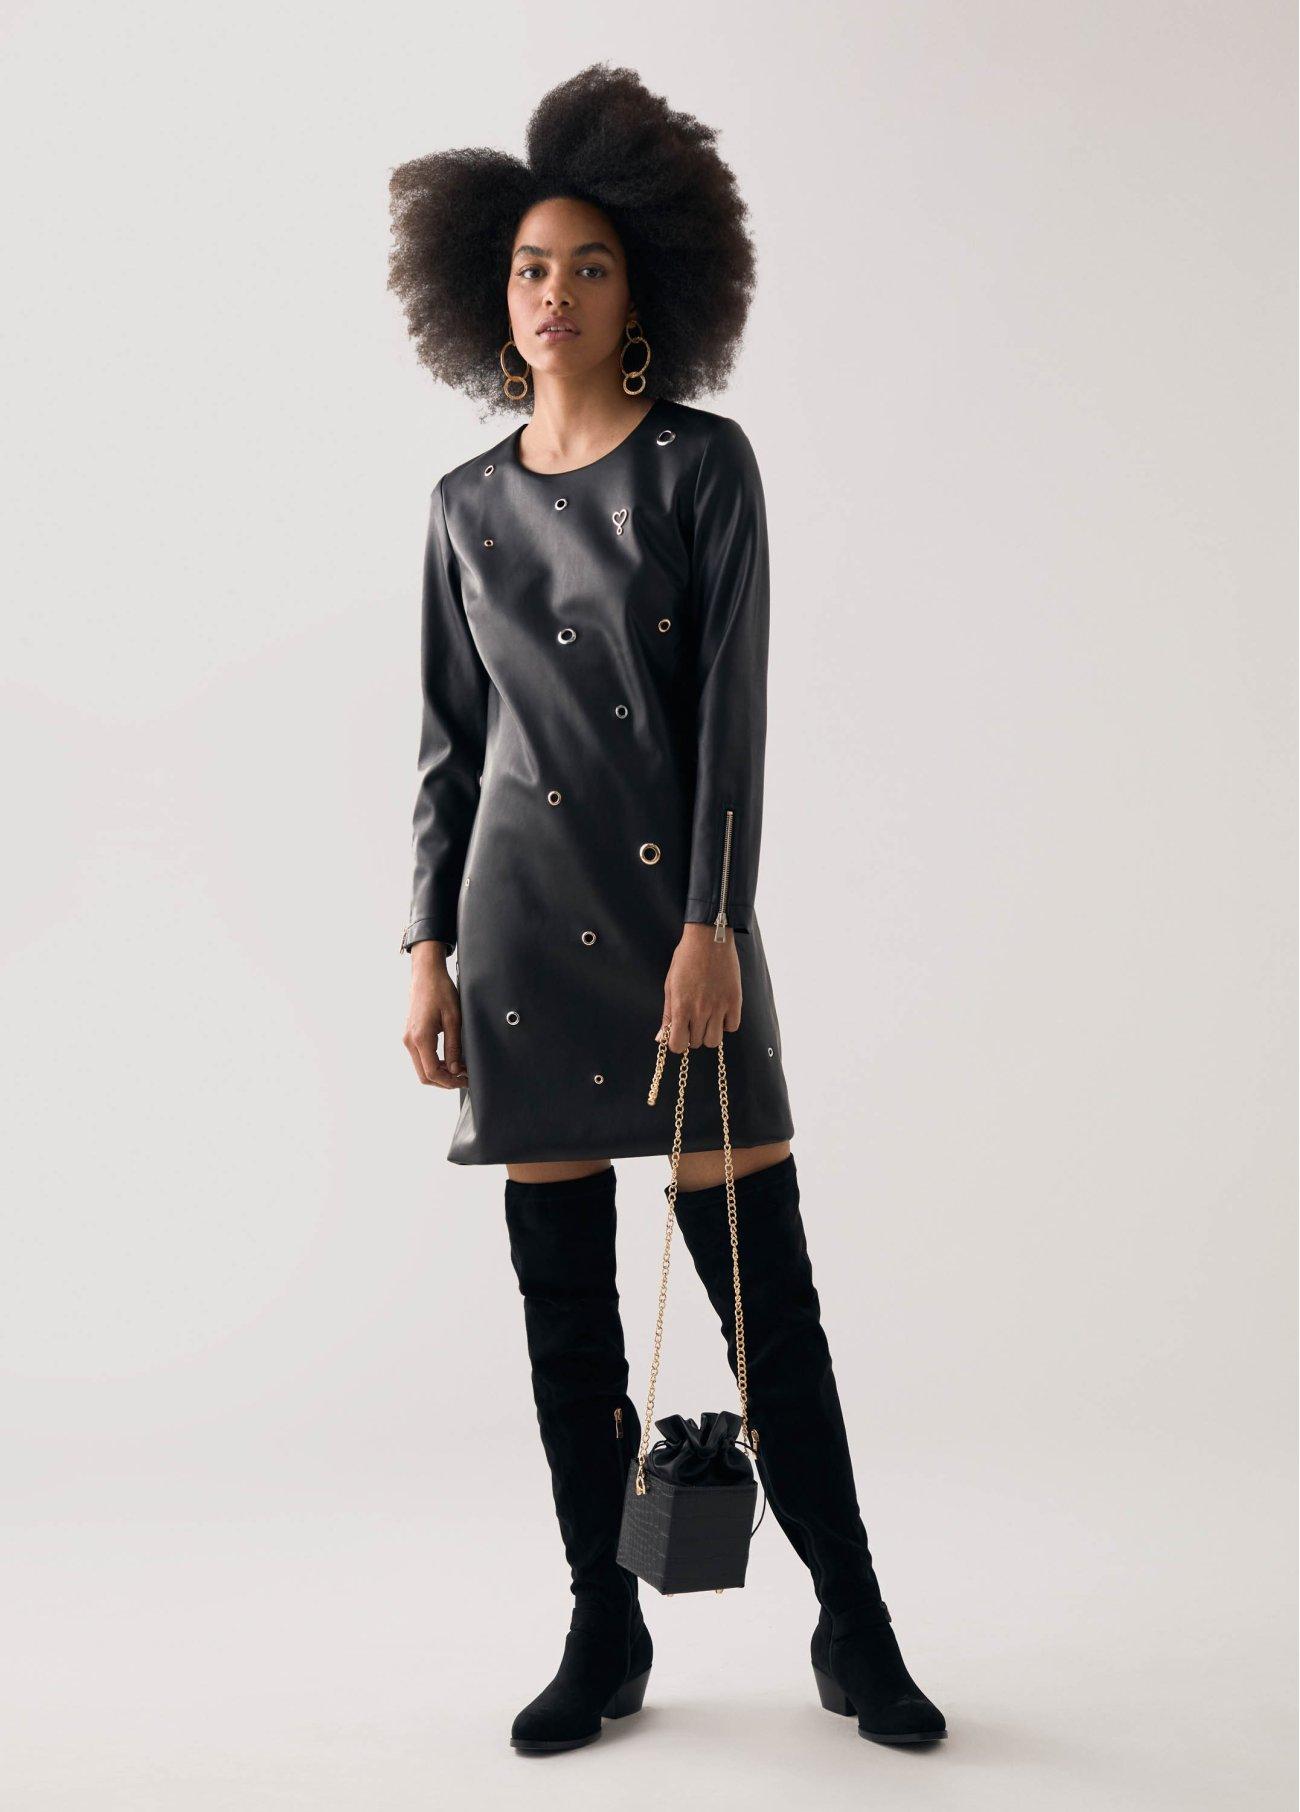 Vestido con detalles decorativos, negro 2